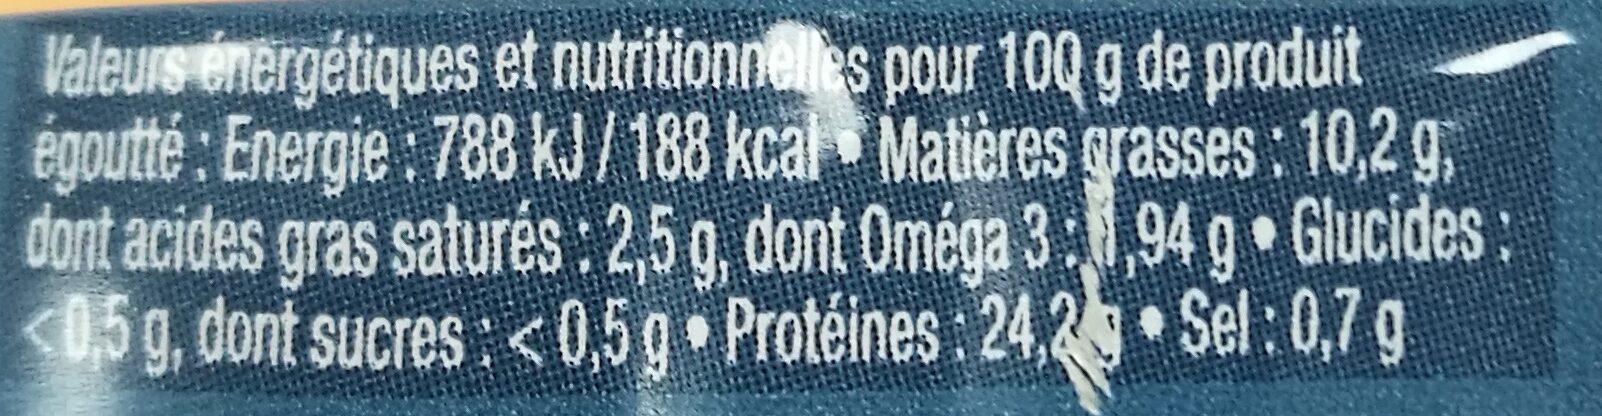 """Mini sardines """"Les petites fondantes"""" - Informations nutritionnelles - fr"""